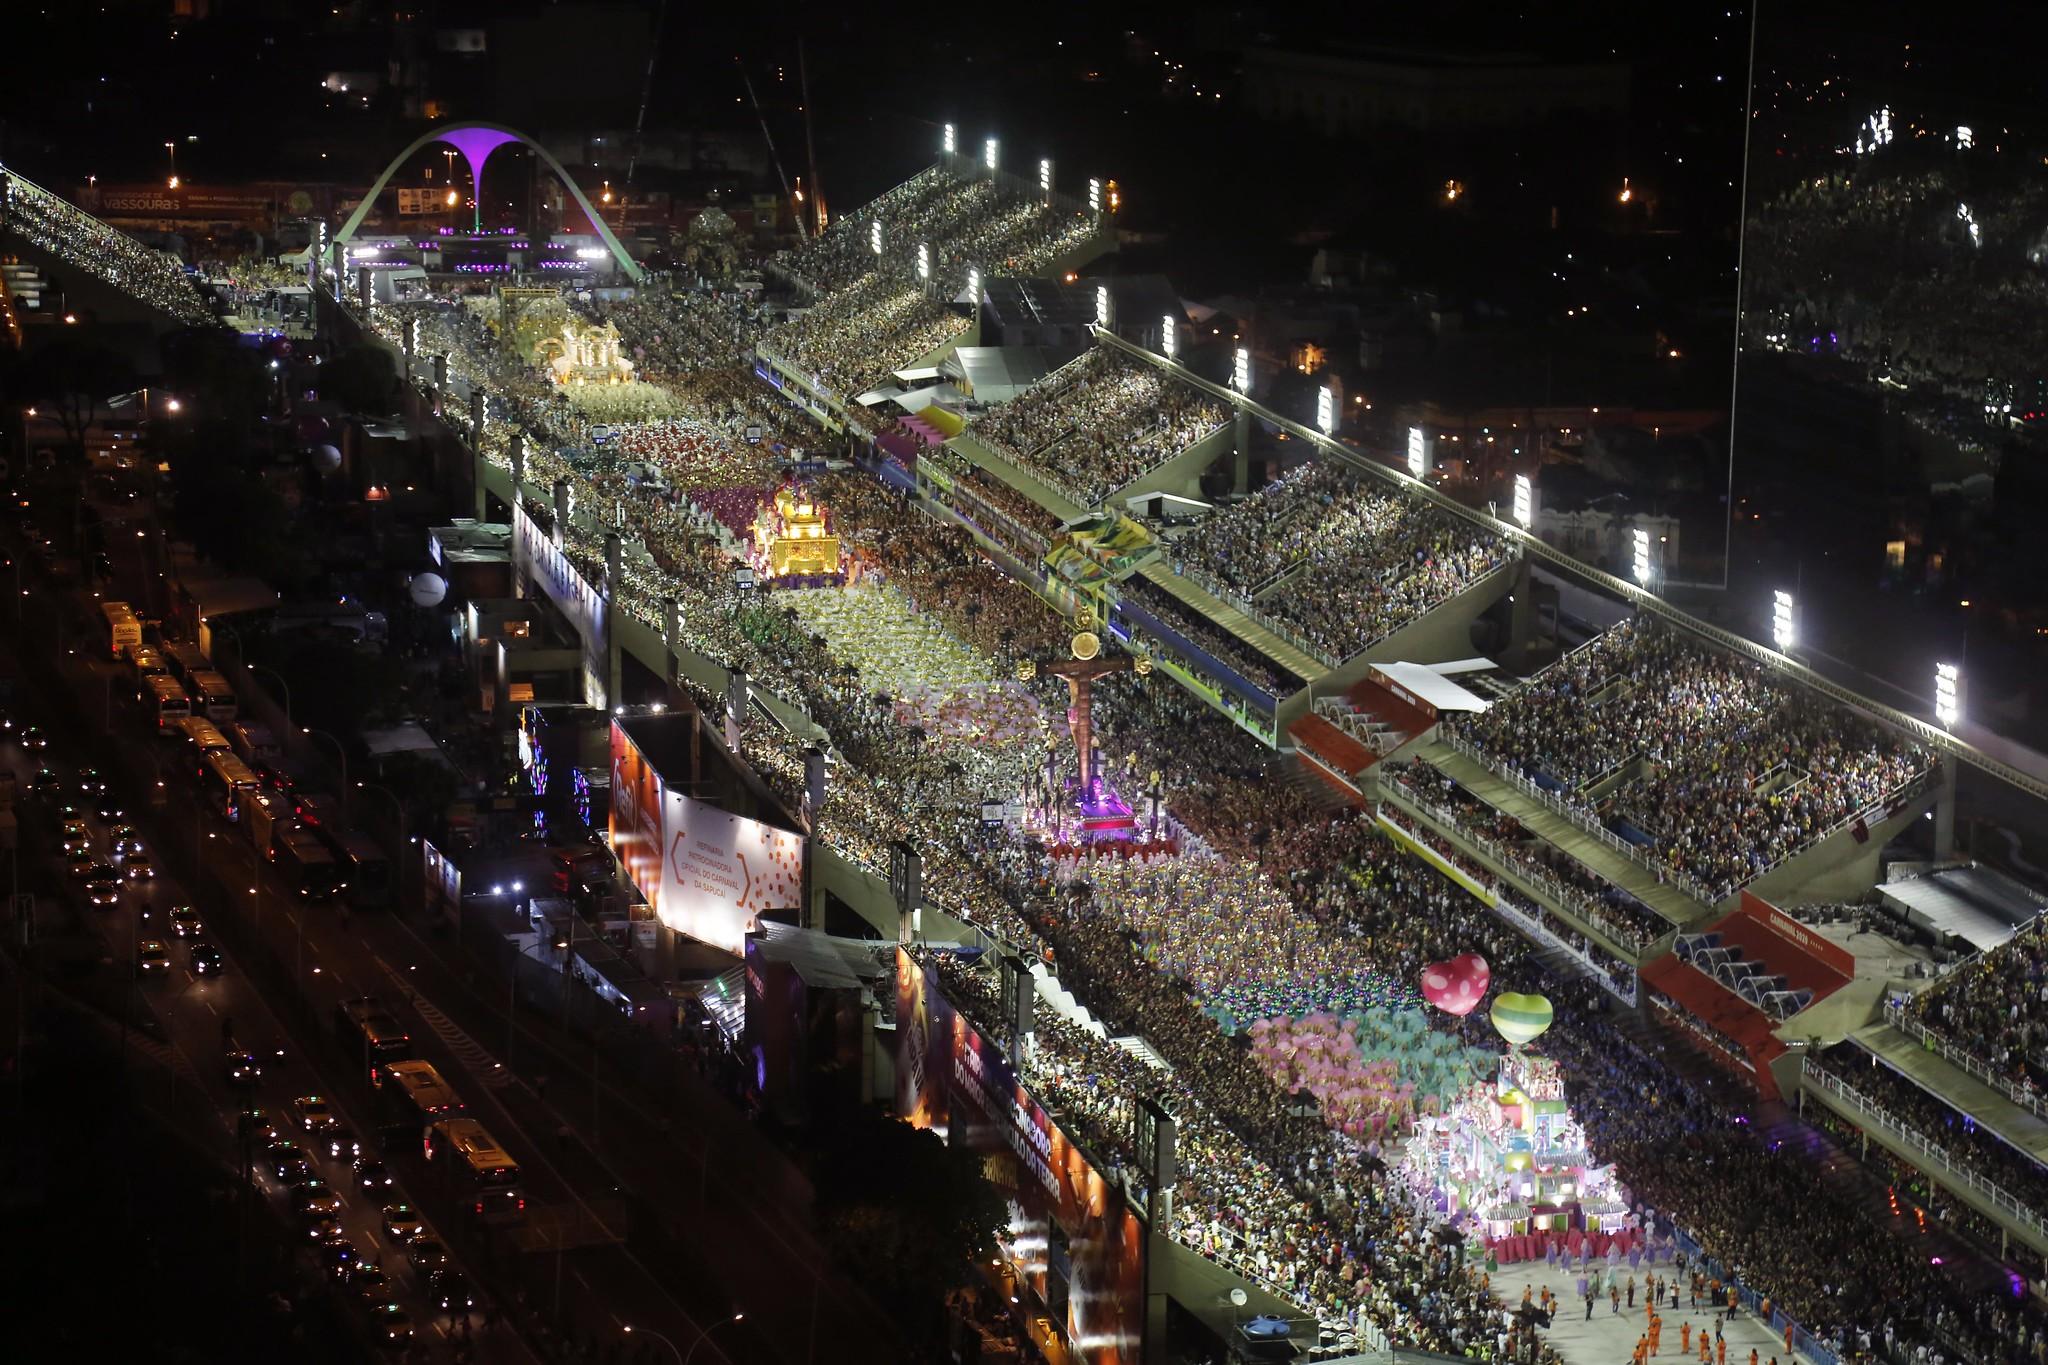 Sambadromo Rio de Janeiro